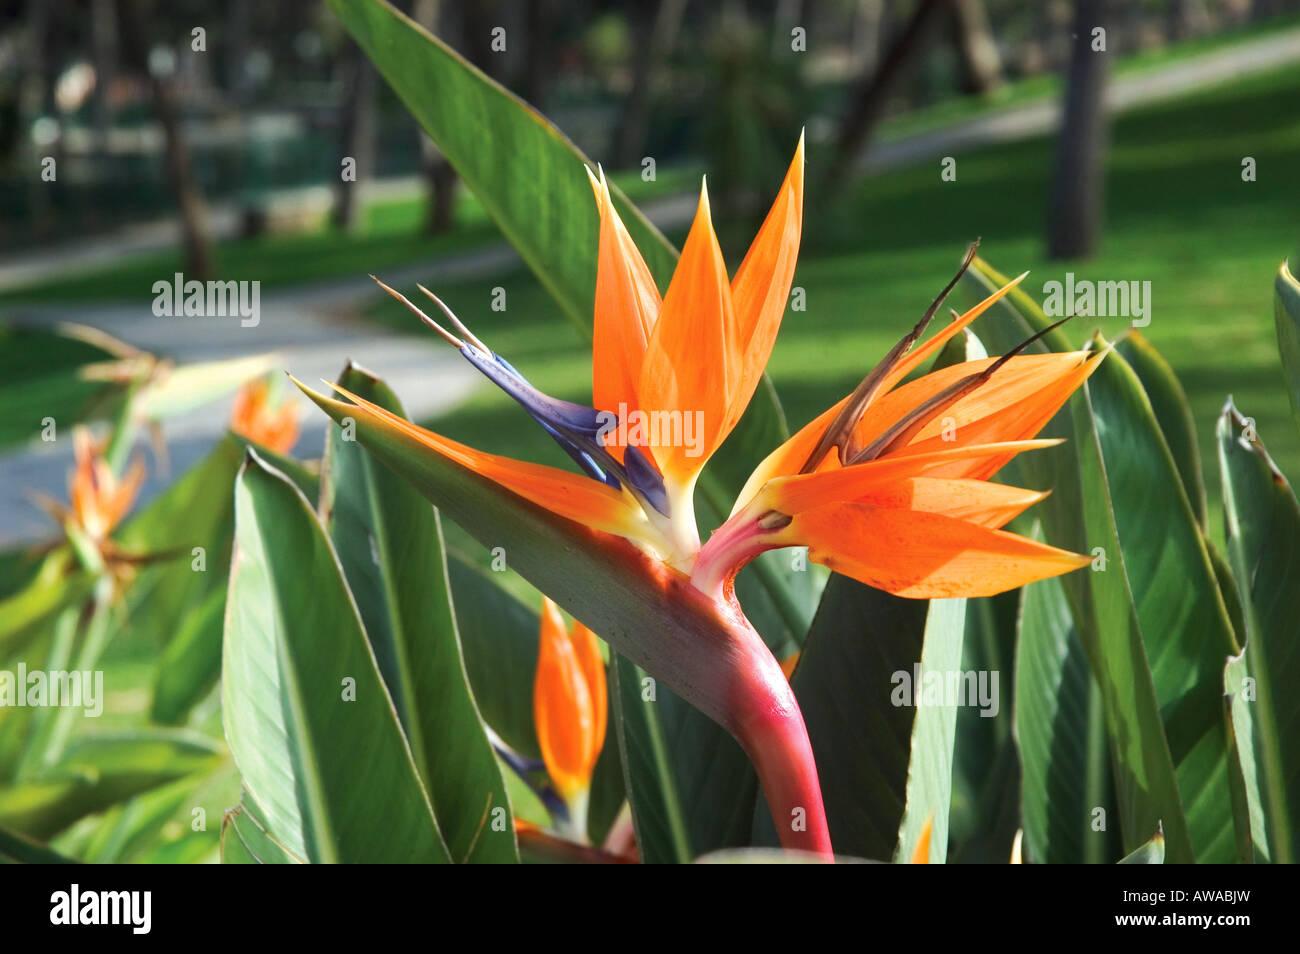 Fiori Arancioni.Fiori Arancioni Che Cresce In Giardino In Guardamar Costa Blanca